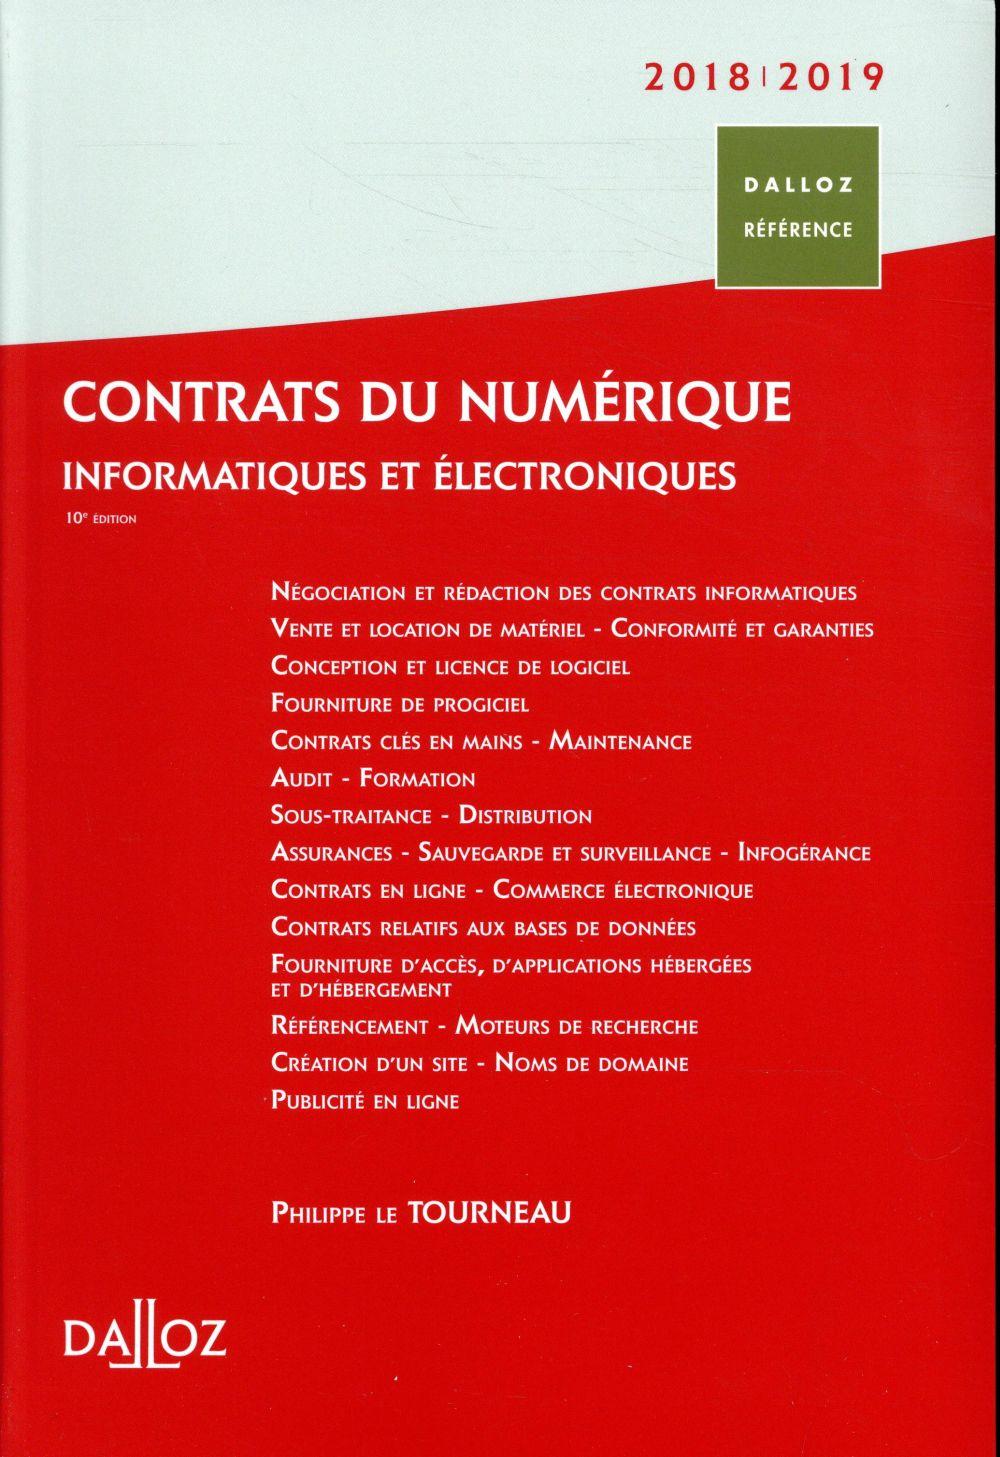 Contrats du numérique, informatique et électronique (édition 2018/2019)